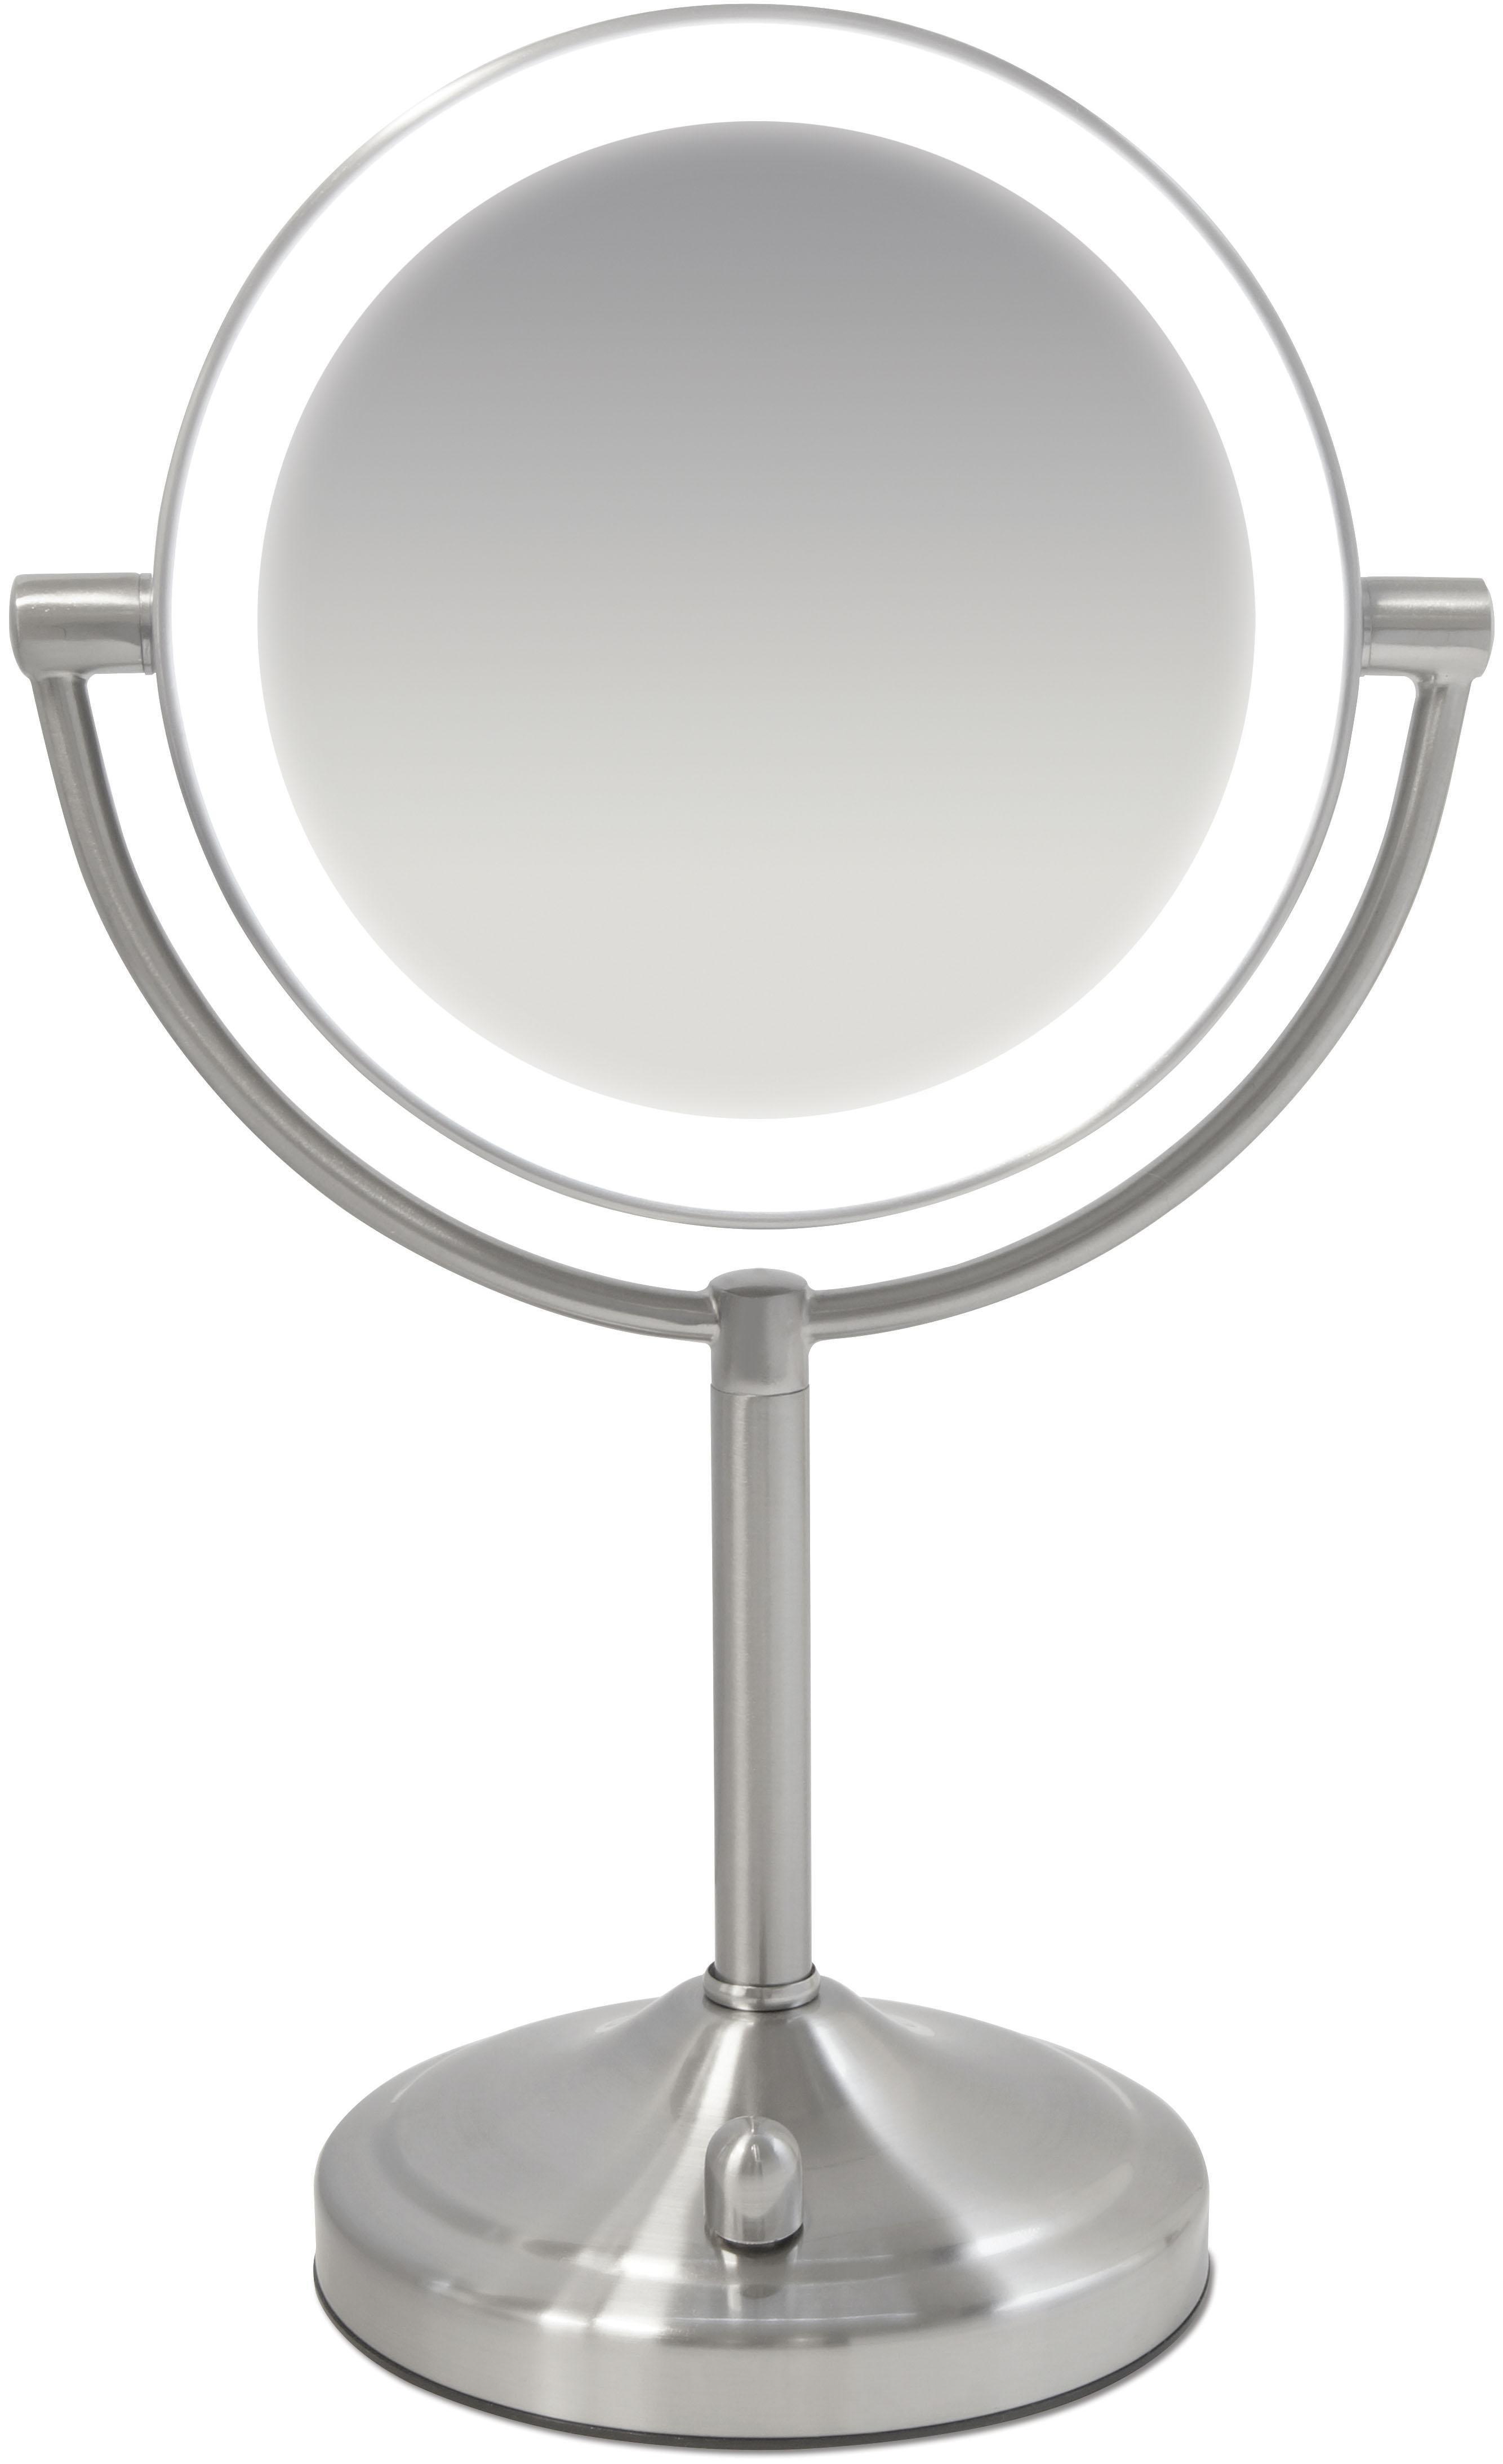 Kosmetikspiegel MIR-8150-EU Spa